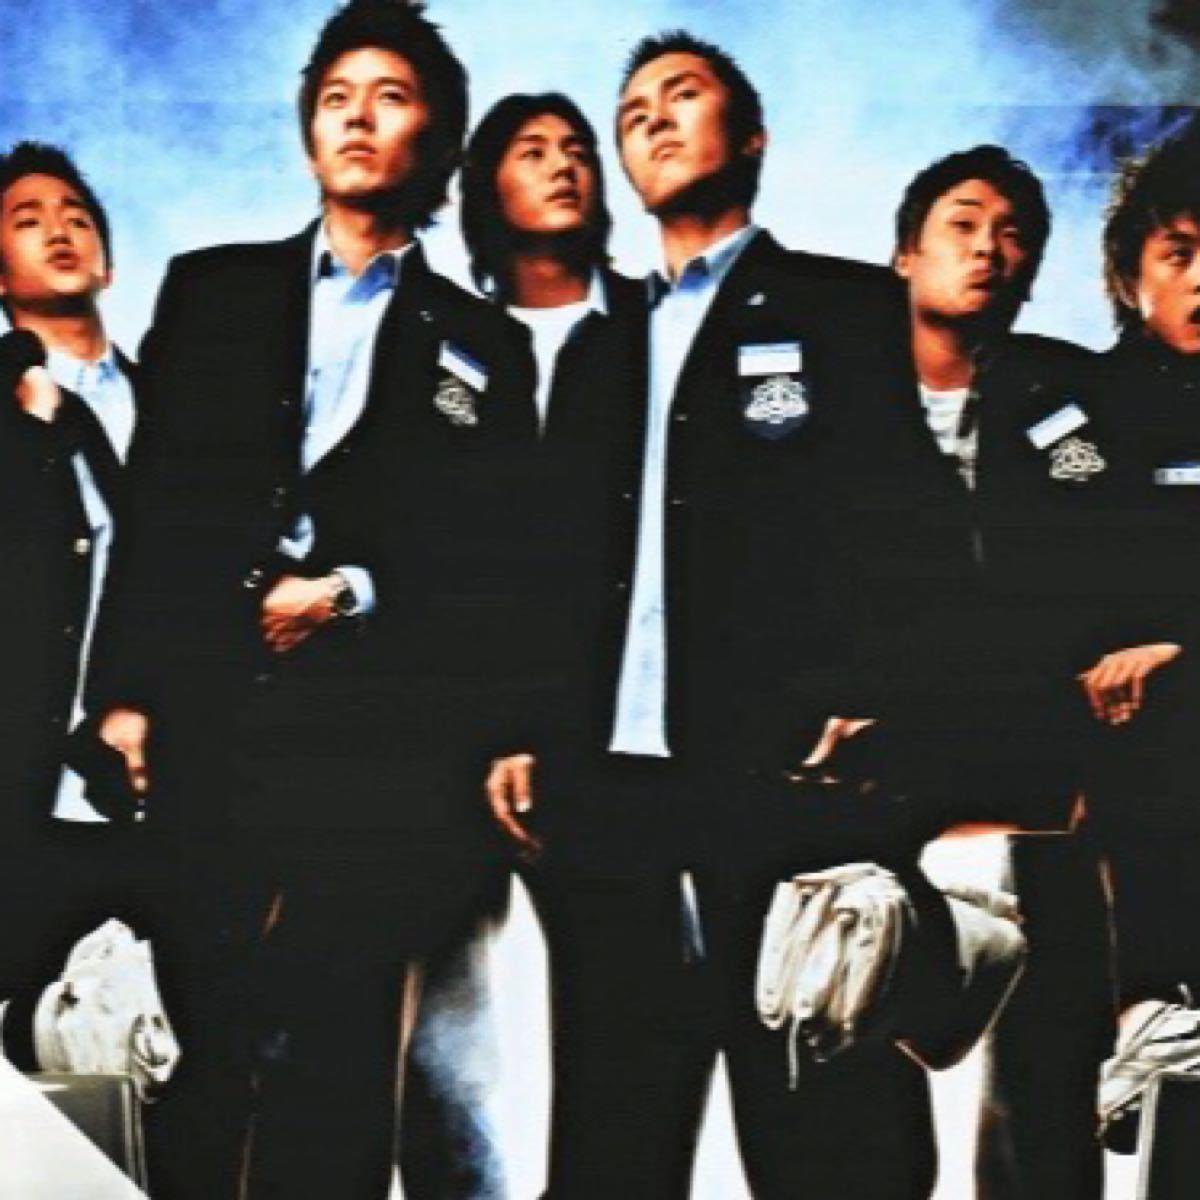 韓国映画 まわし蹴り ヒョンビン DVD レーベル有り